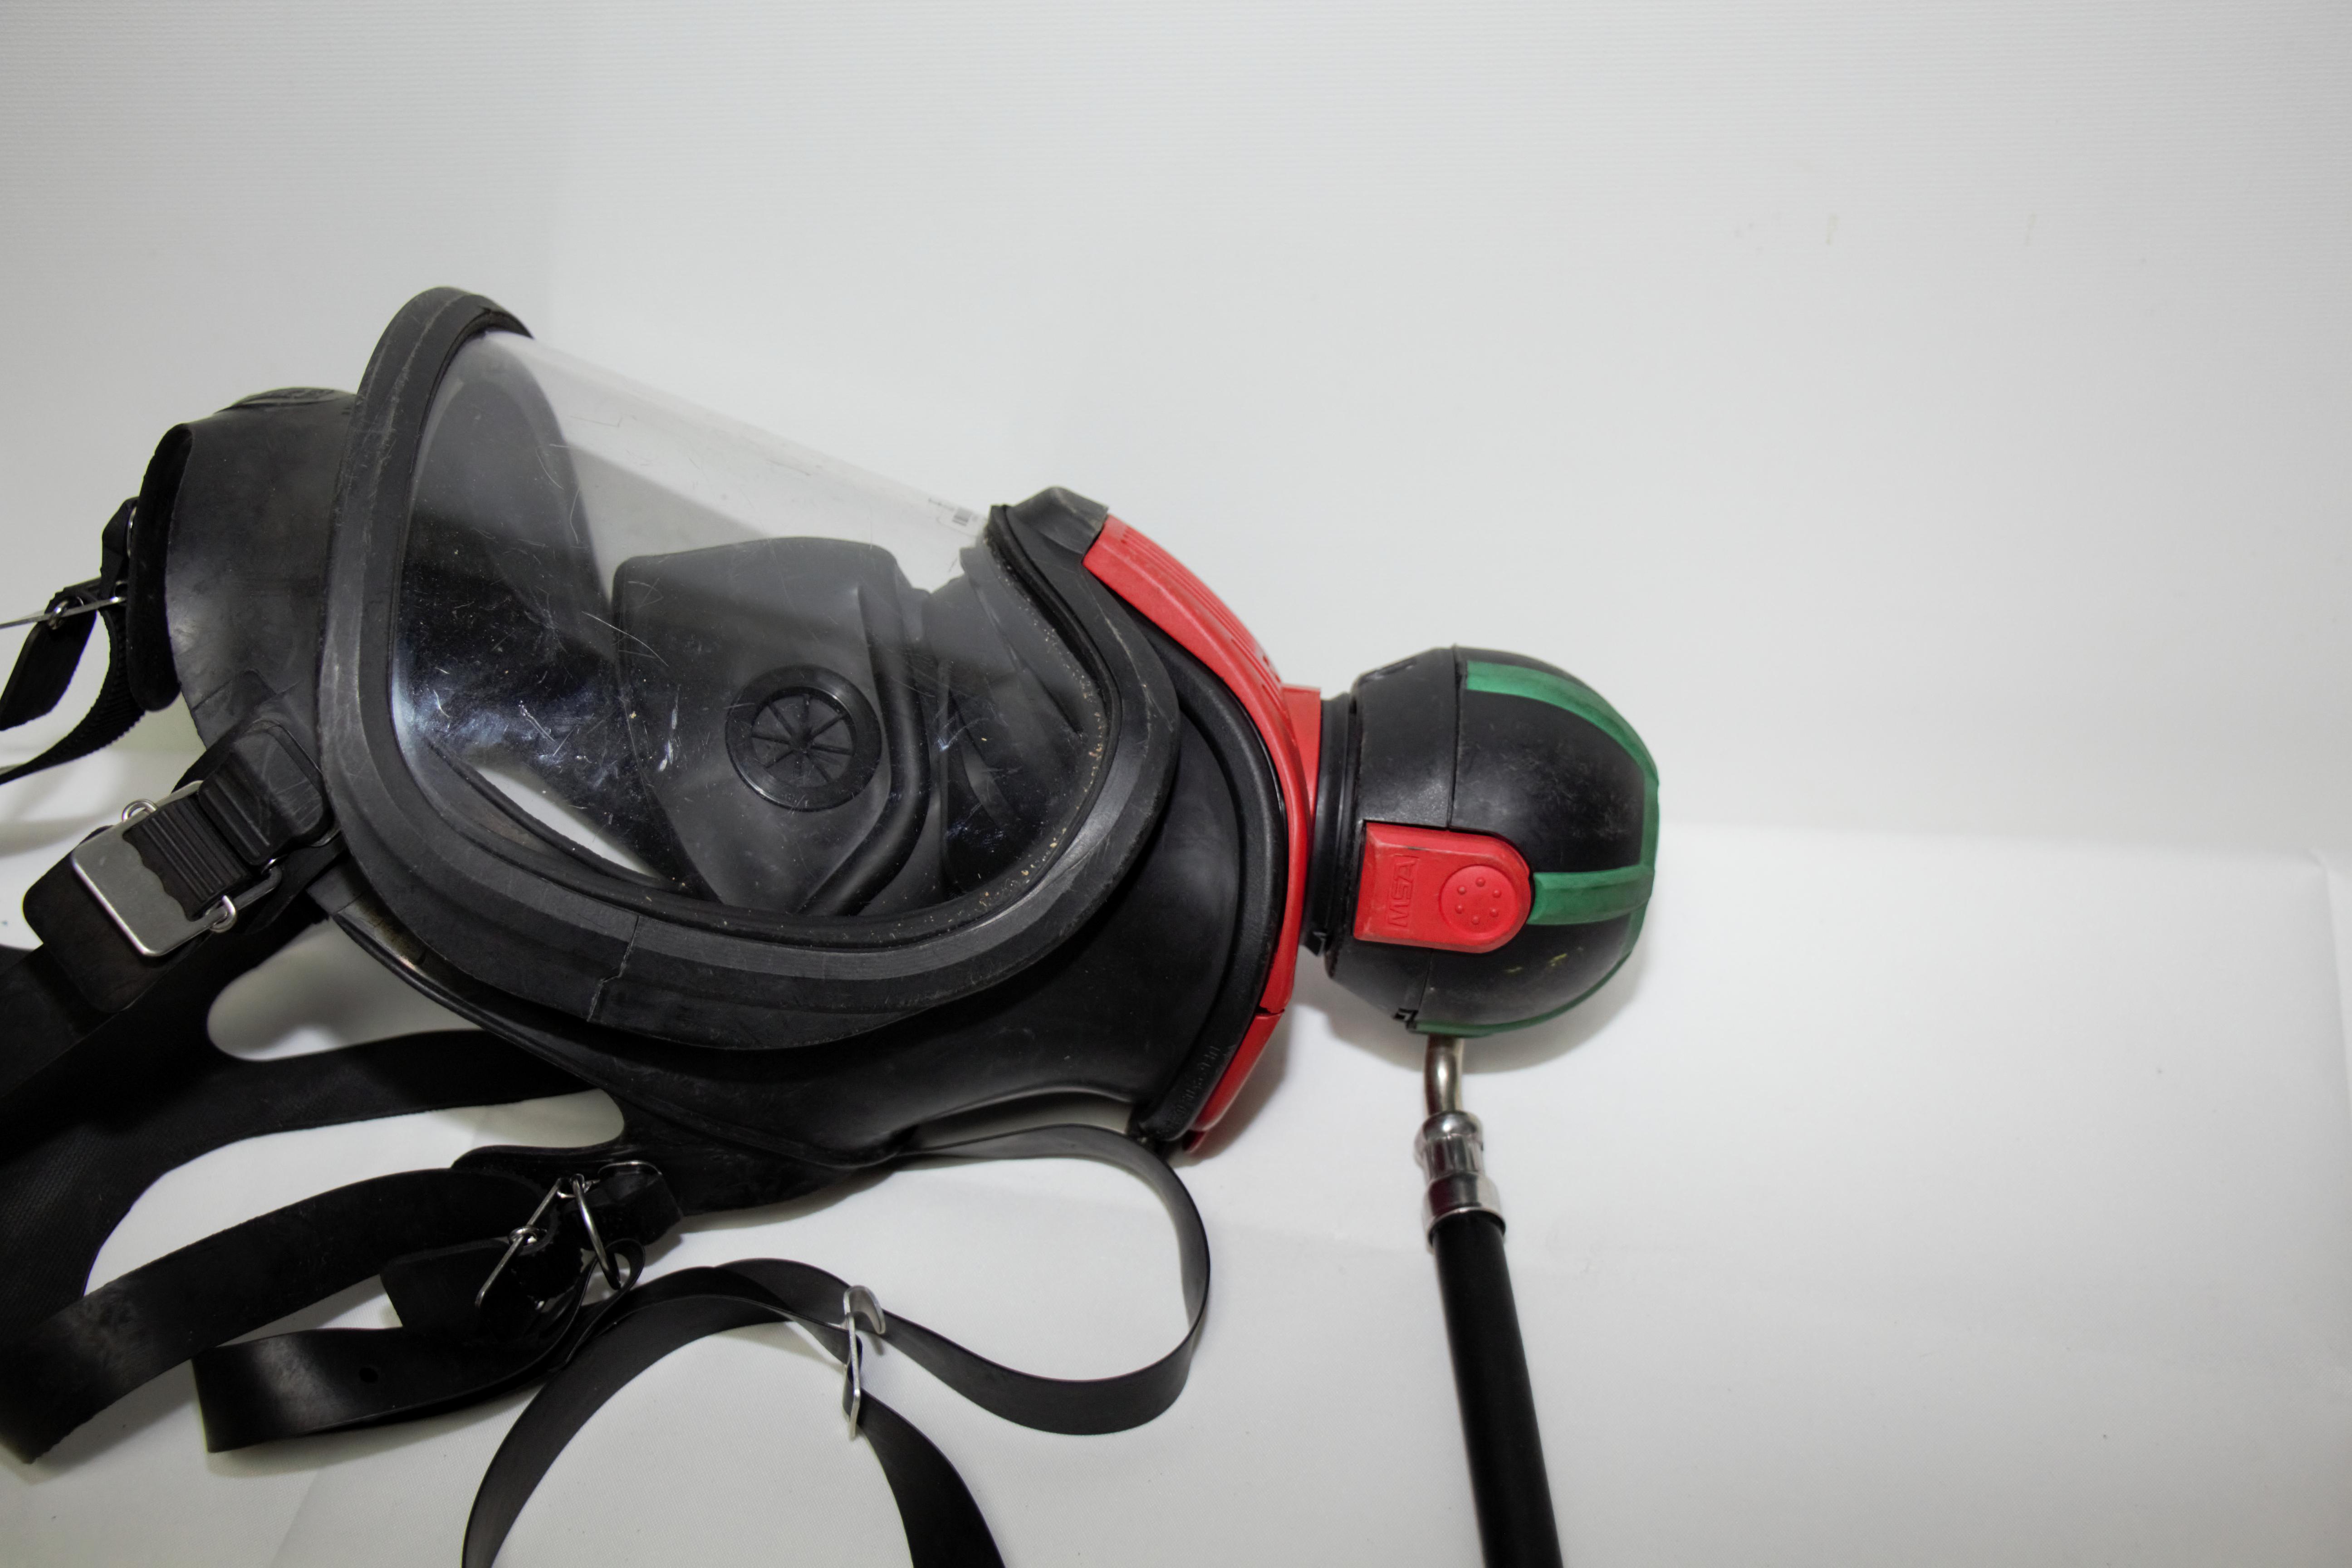 Auer-MSA-Ultra-Elite-Atemschutzmaske-Schutzmaske-Uberdruck-Steckanschluss Indexbild 7